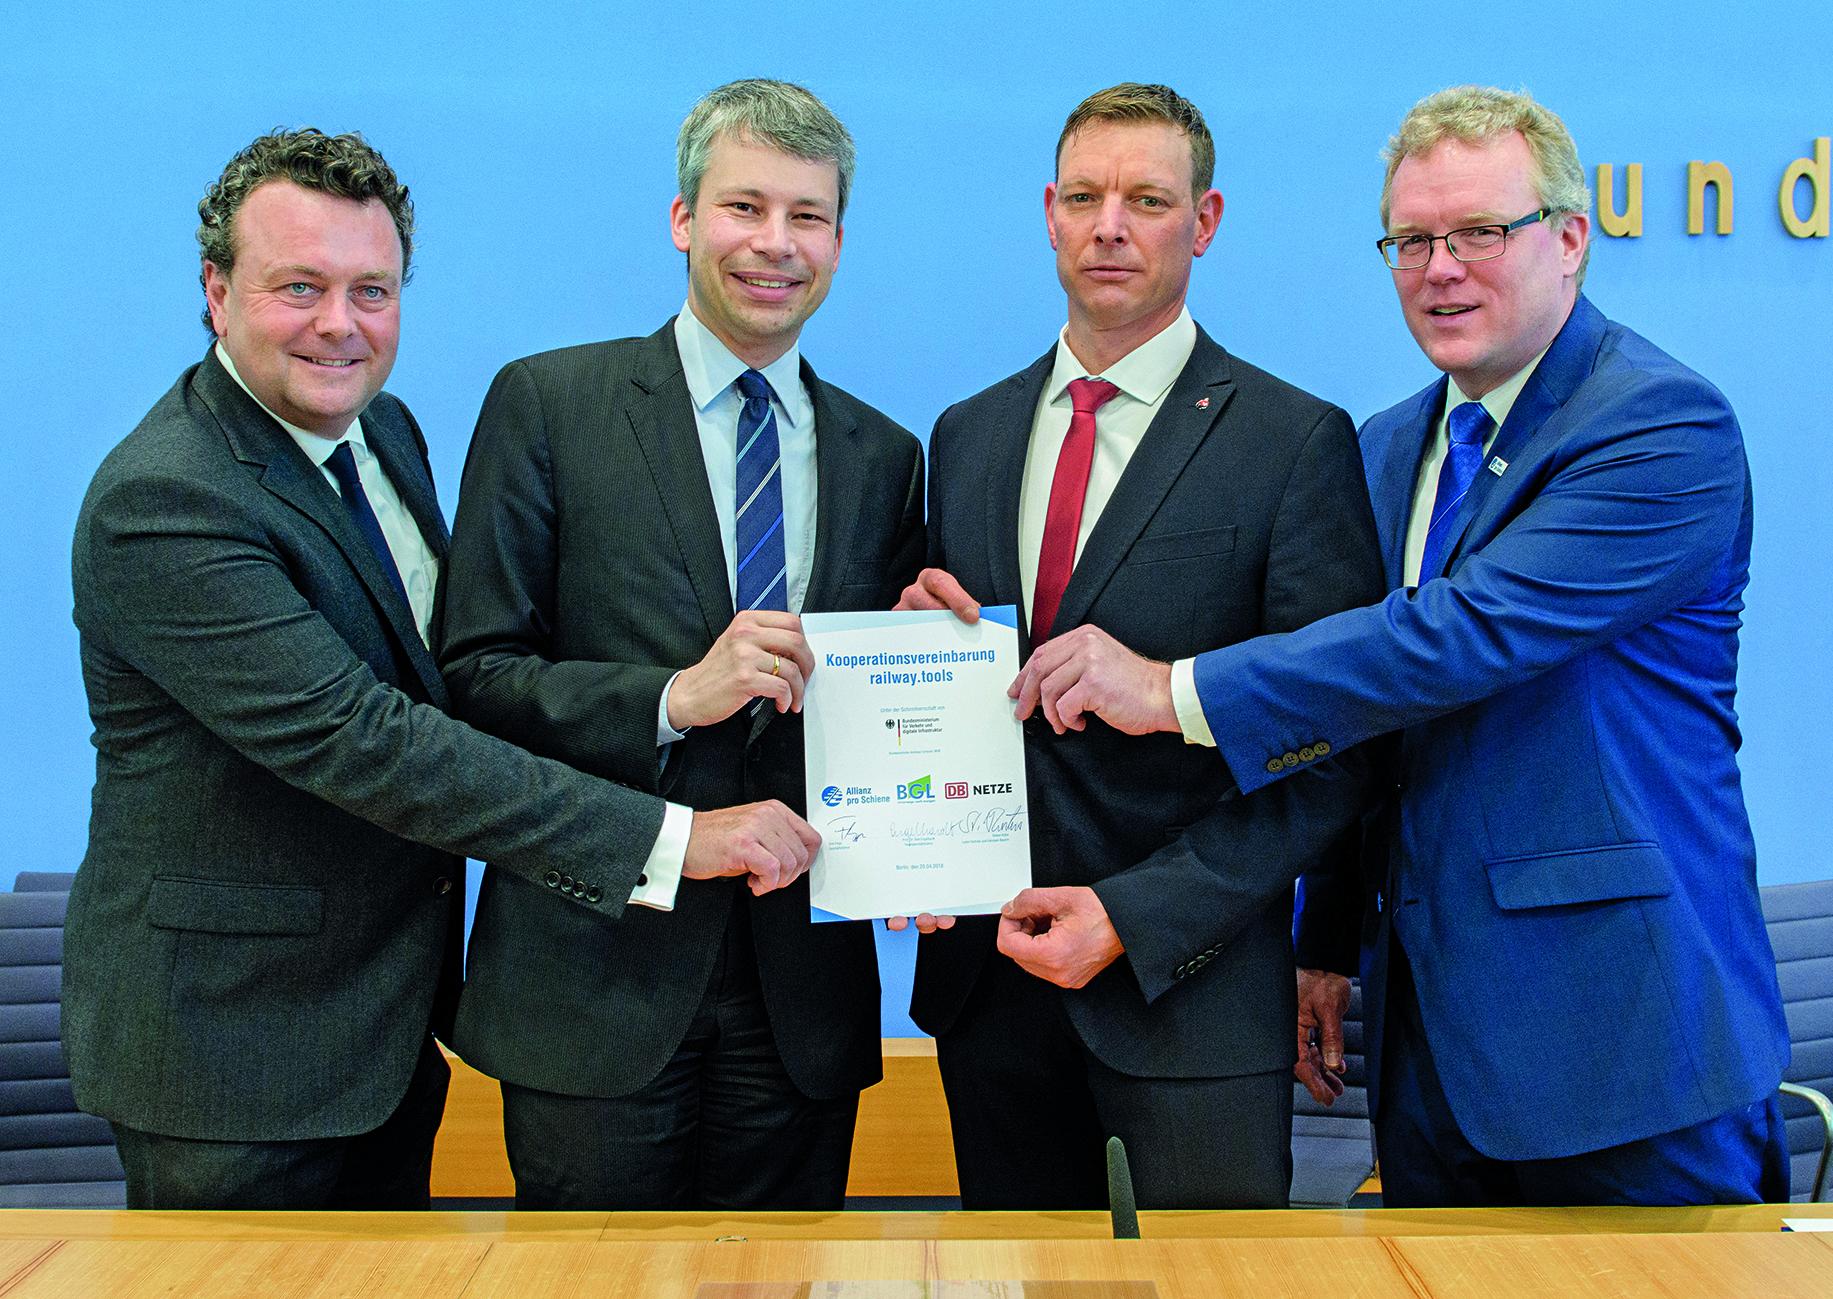 Stephan Kühn (DB Netz), Steffen Bilger (BMVI), Dirk Engelhardt (BGL), Dirk Flege (Allianz pro Schiene) (v.l.)